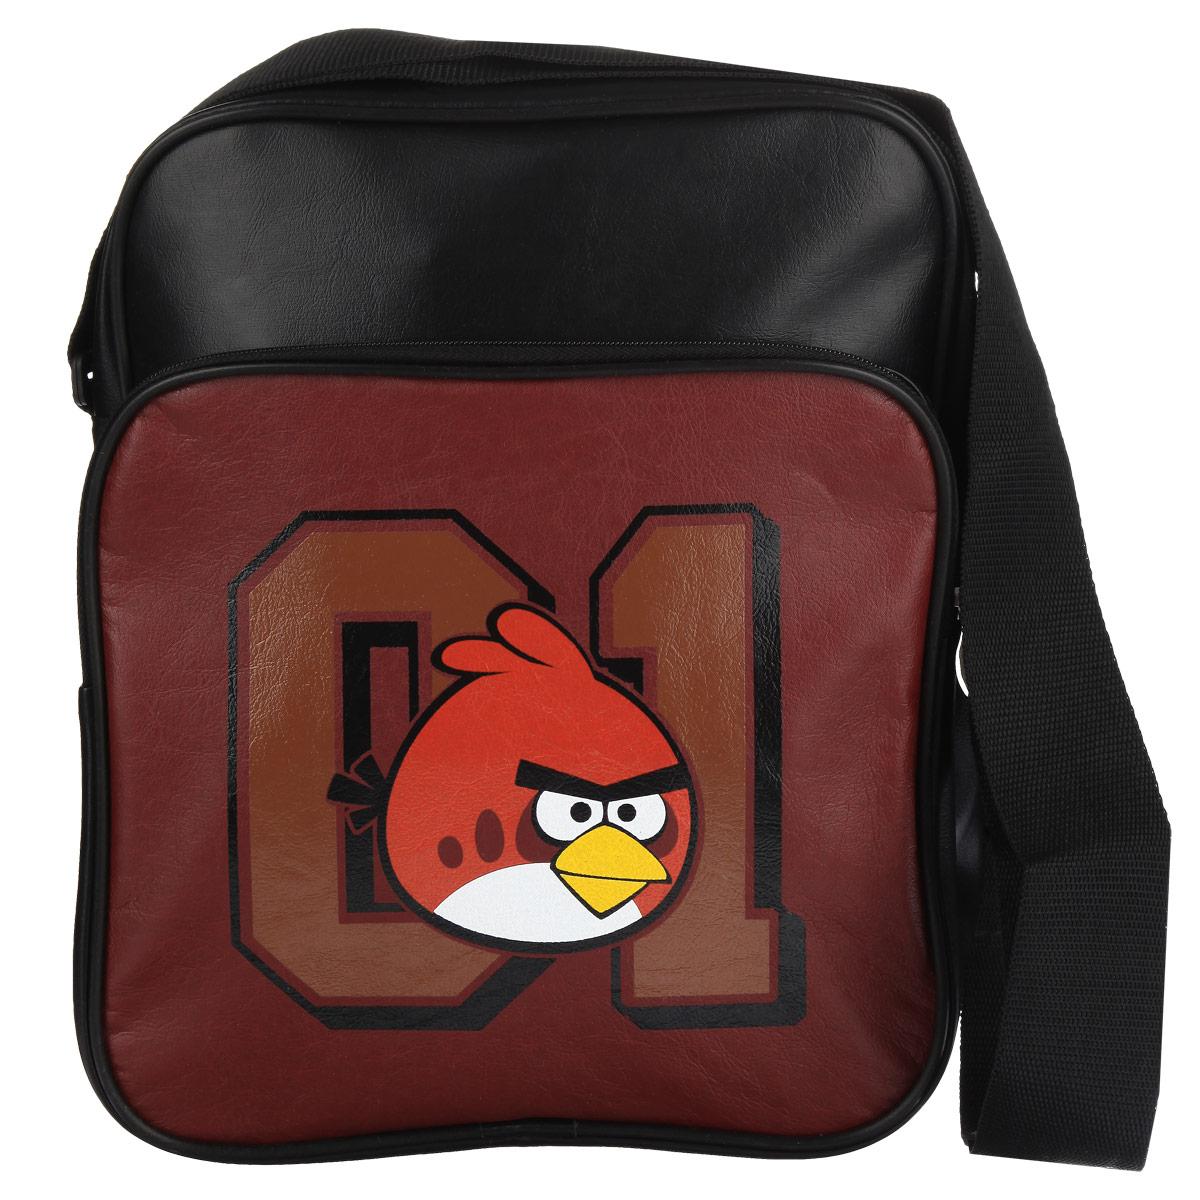 Сумка Angry Birds Красная птица, цвет: черный, бордовый. 8481384813Сумка молодёжная Angry Birds Красная птица сочетает в себе современный дизайн, функциональность и долговечность. Сумка выполнена из кожзаменителя и содержит одно вместительное отделение, застегивающееся на застежку-молнию. Внутри имеется дополнительный карман-разделитель на молнии. На лицевой стороне сумки находятся карман на застежке-молнии. Внутри имеется нашивной карман и фиксаторы для пишущих принадлежностей. На задней стороне сумка имеет дополнительный карман на молнии. Сумка оснащена плечевым ремнем, регулируемой длины.